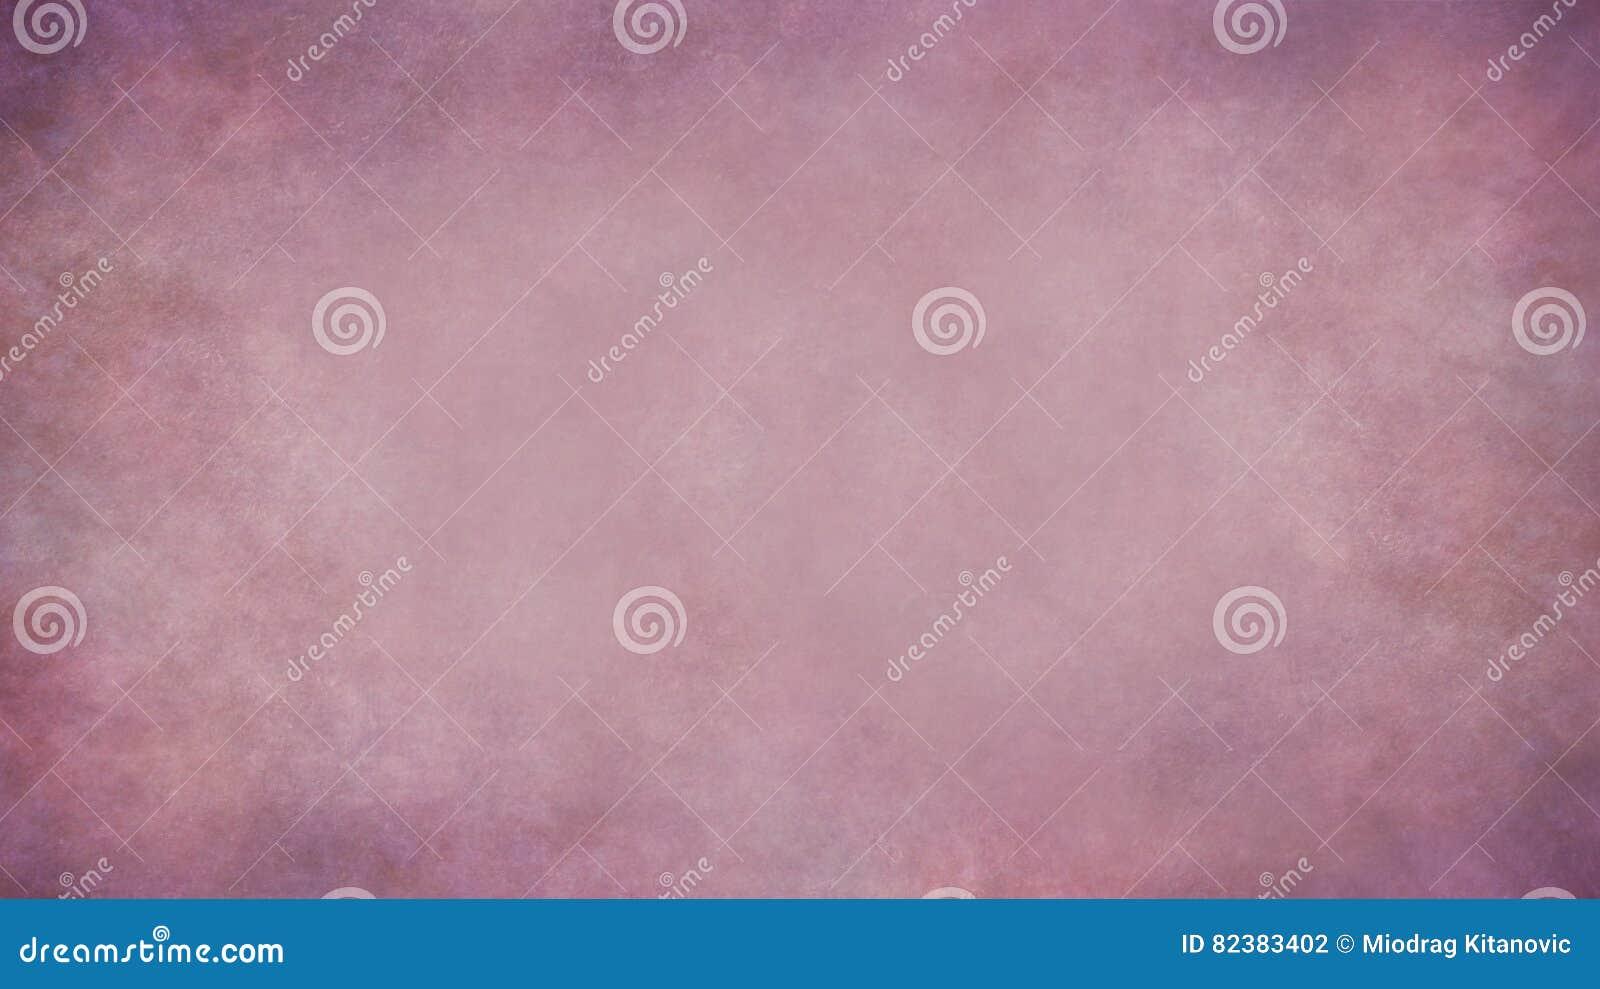 Rote Violet Backdrop Background